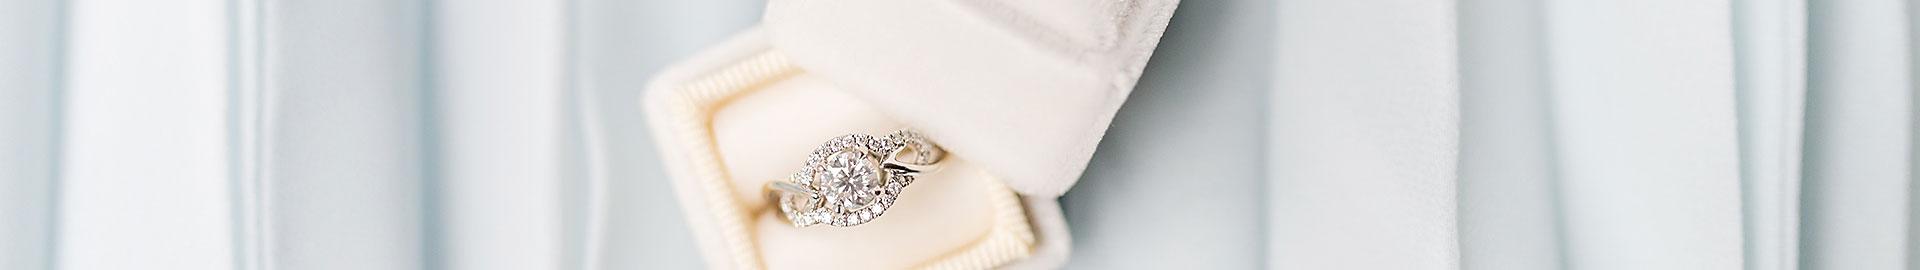 Rings with diamonds Zazare Diamonds